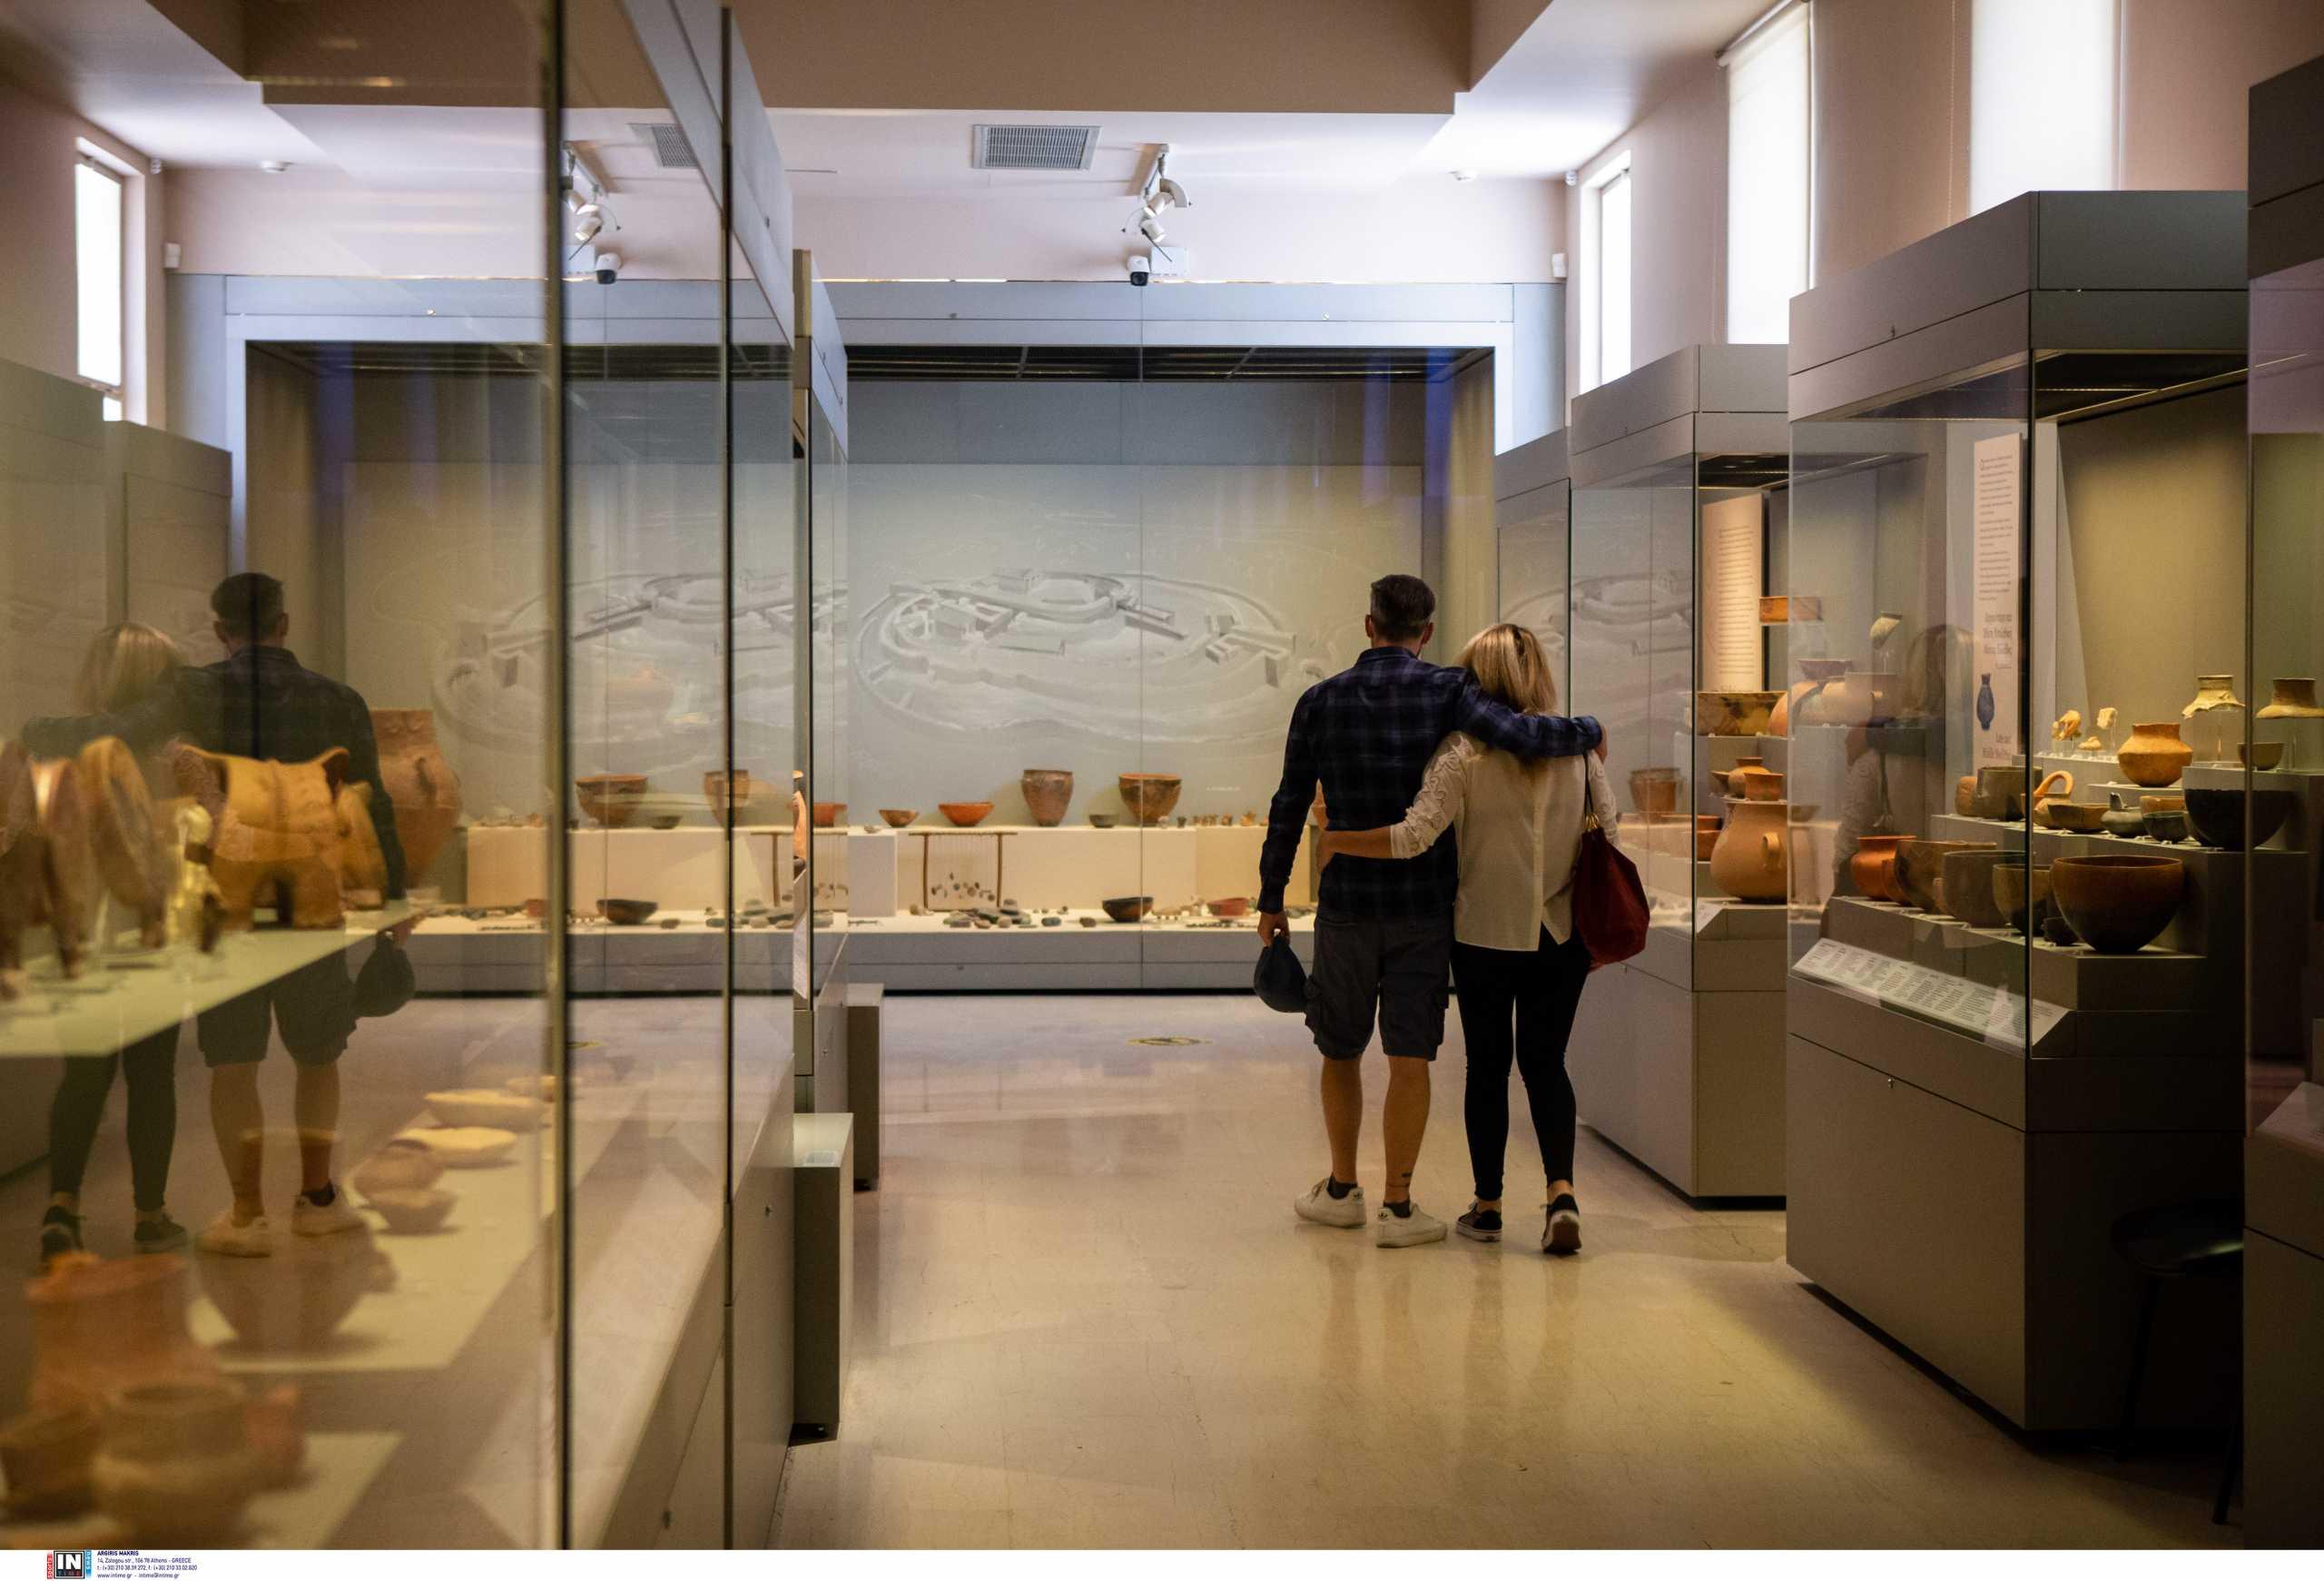 Ελεύθερη είσοδος σε μουσεία και υπαίθριους αρχαιολογικούς χώρους για την Διεθνή Ημέρα Μουσείων